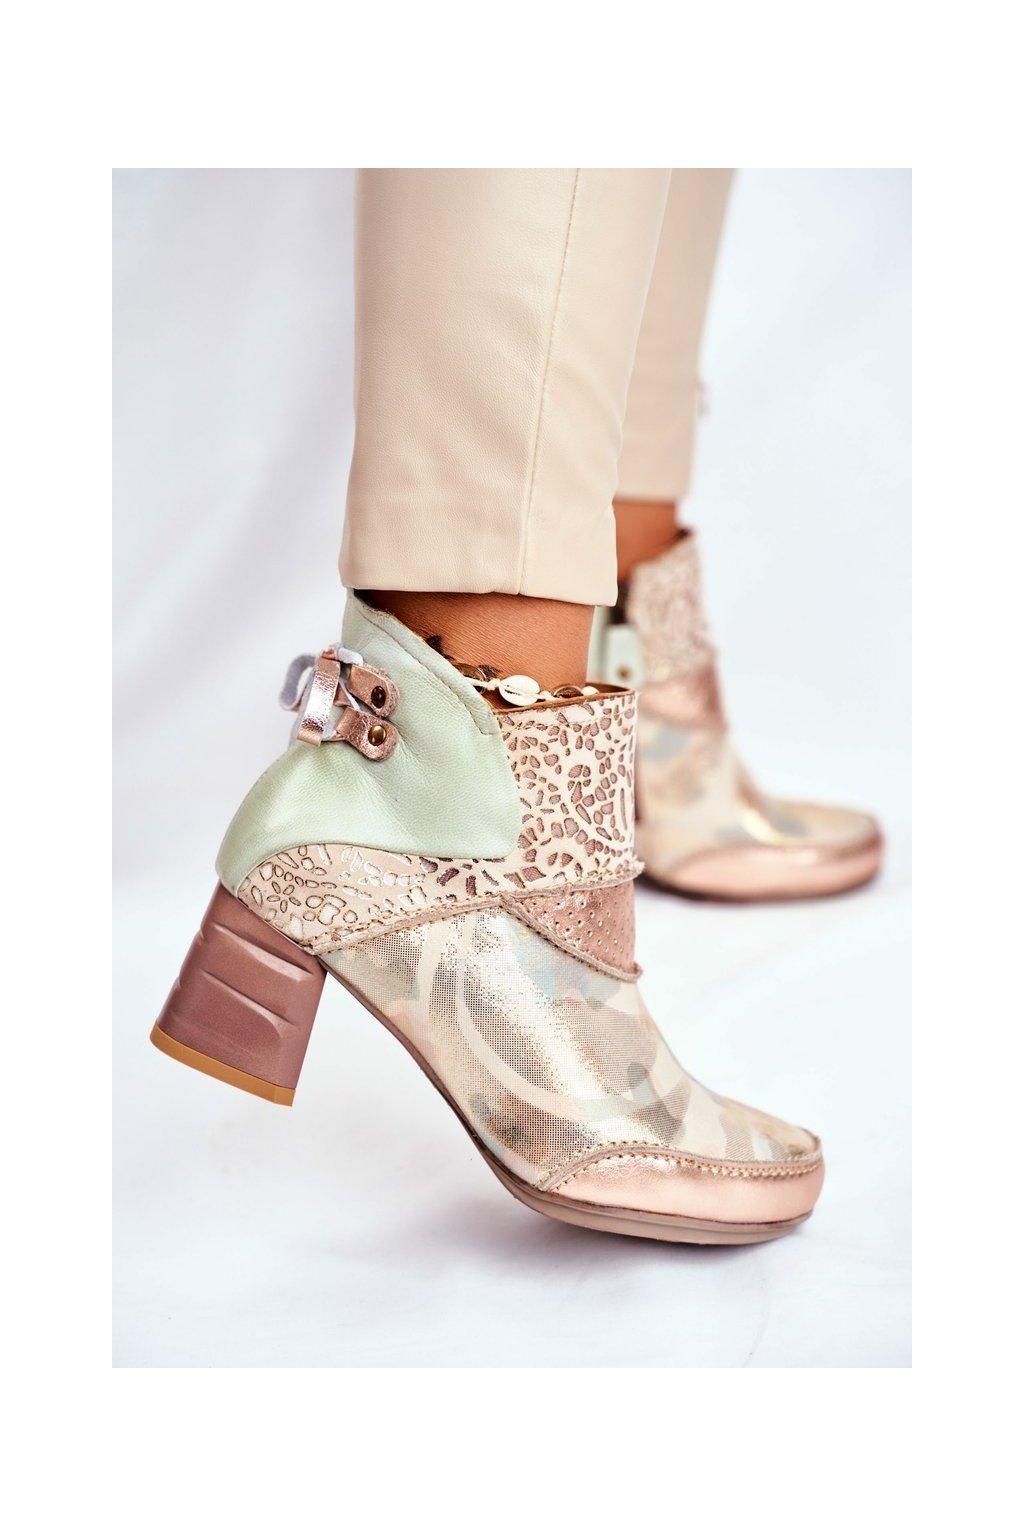 Členkové topánky na podpätku farba hnedá NJSK 03410-04/0-5 BEŻ